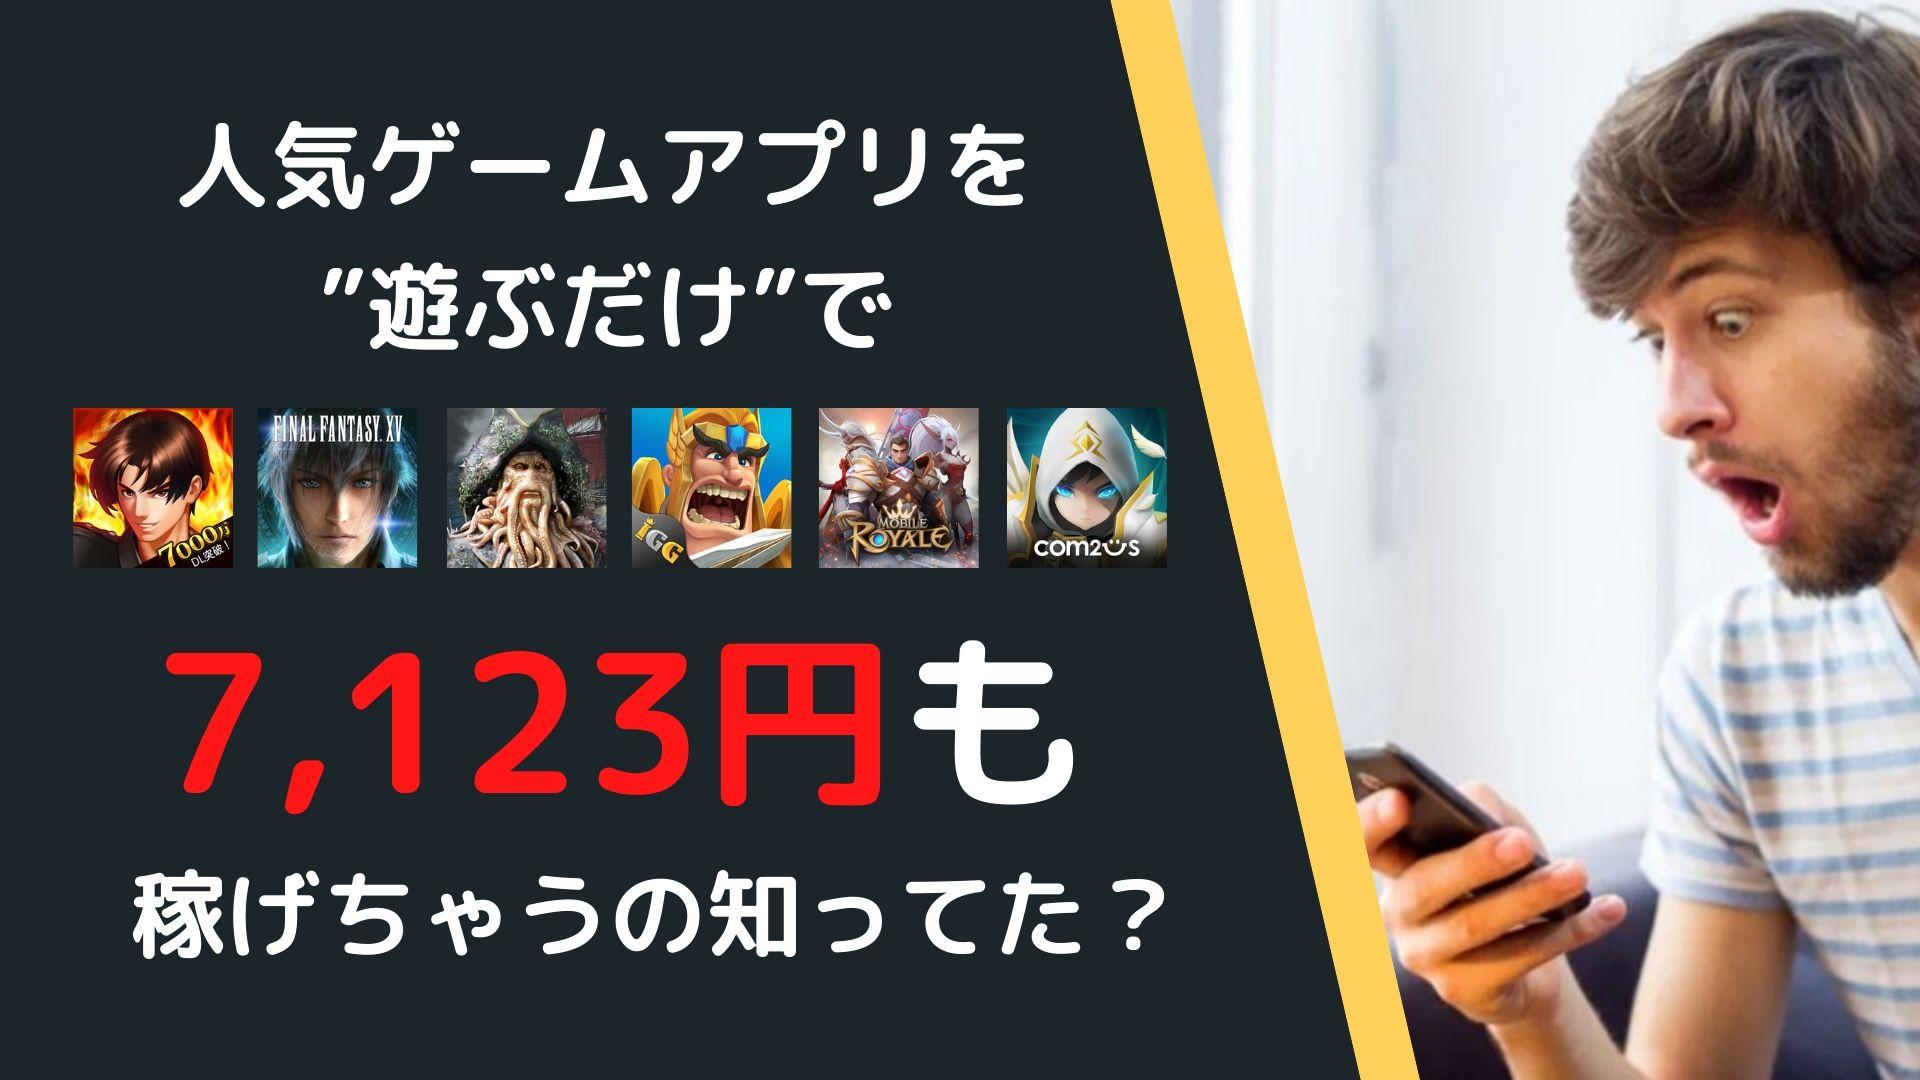 スマホの無料ゲームアプリで遊ぶとおこづかいが稼げるの知ってた?